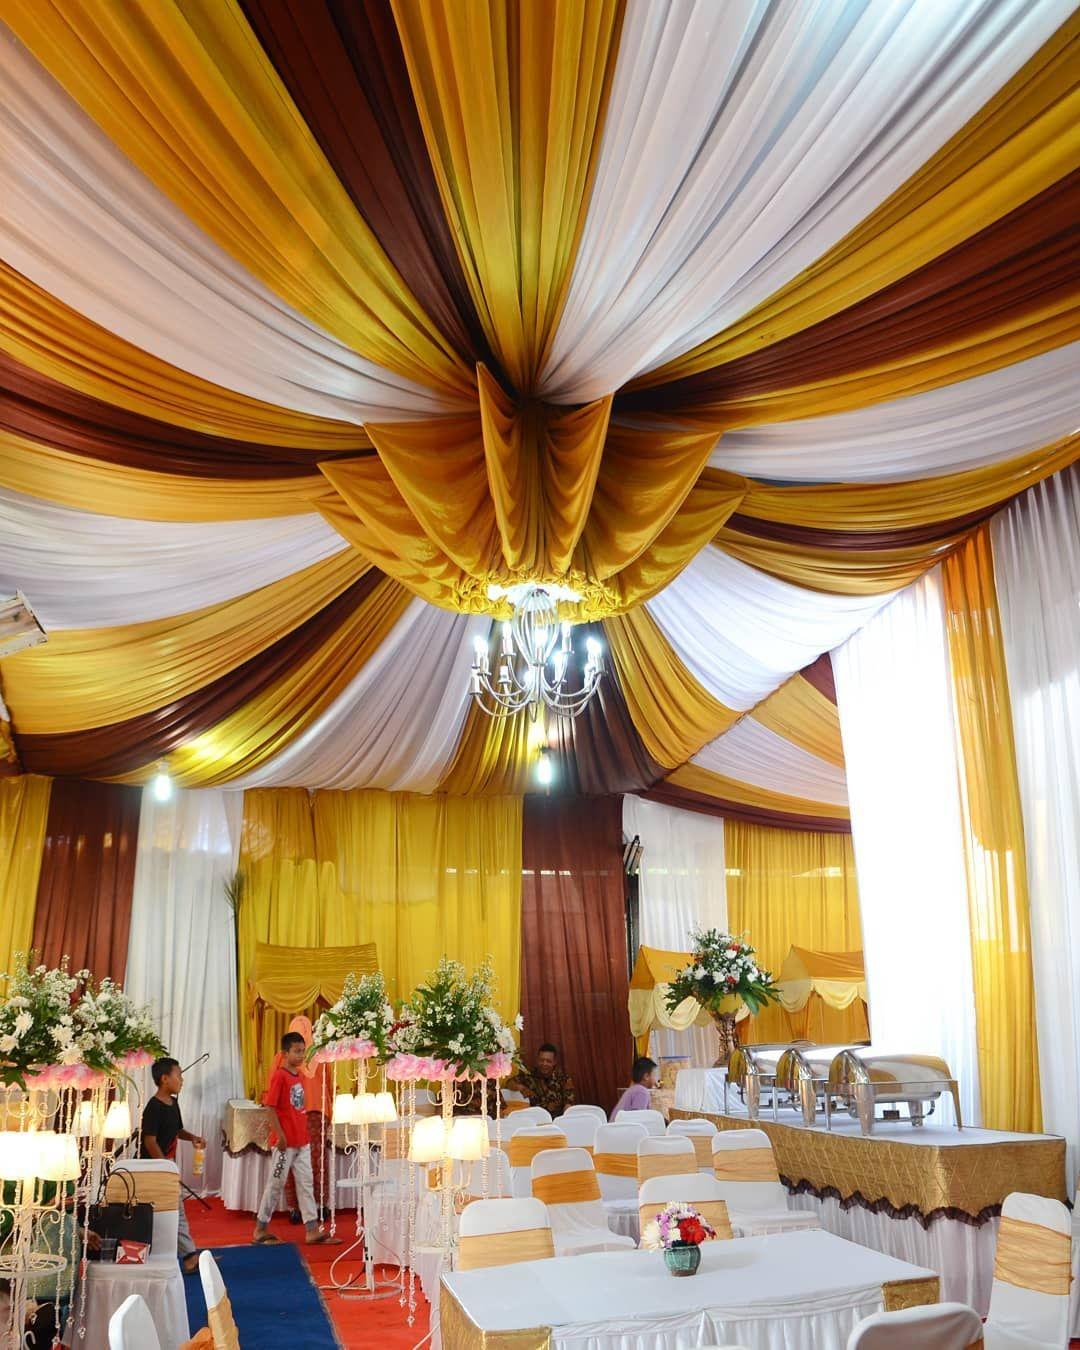 Sewa Tenda Pernikahan Jakarta Selatan Untuk Kamu Yang Ingin